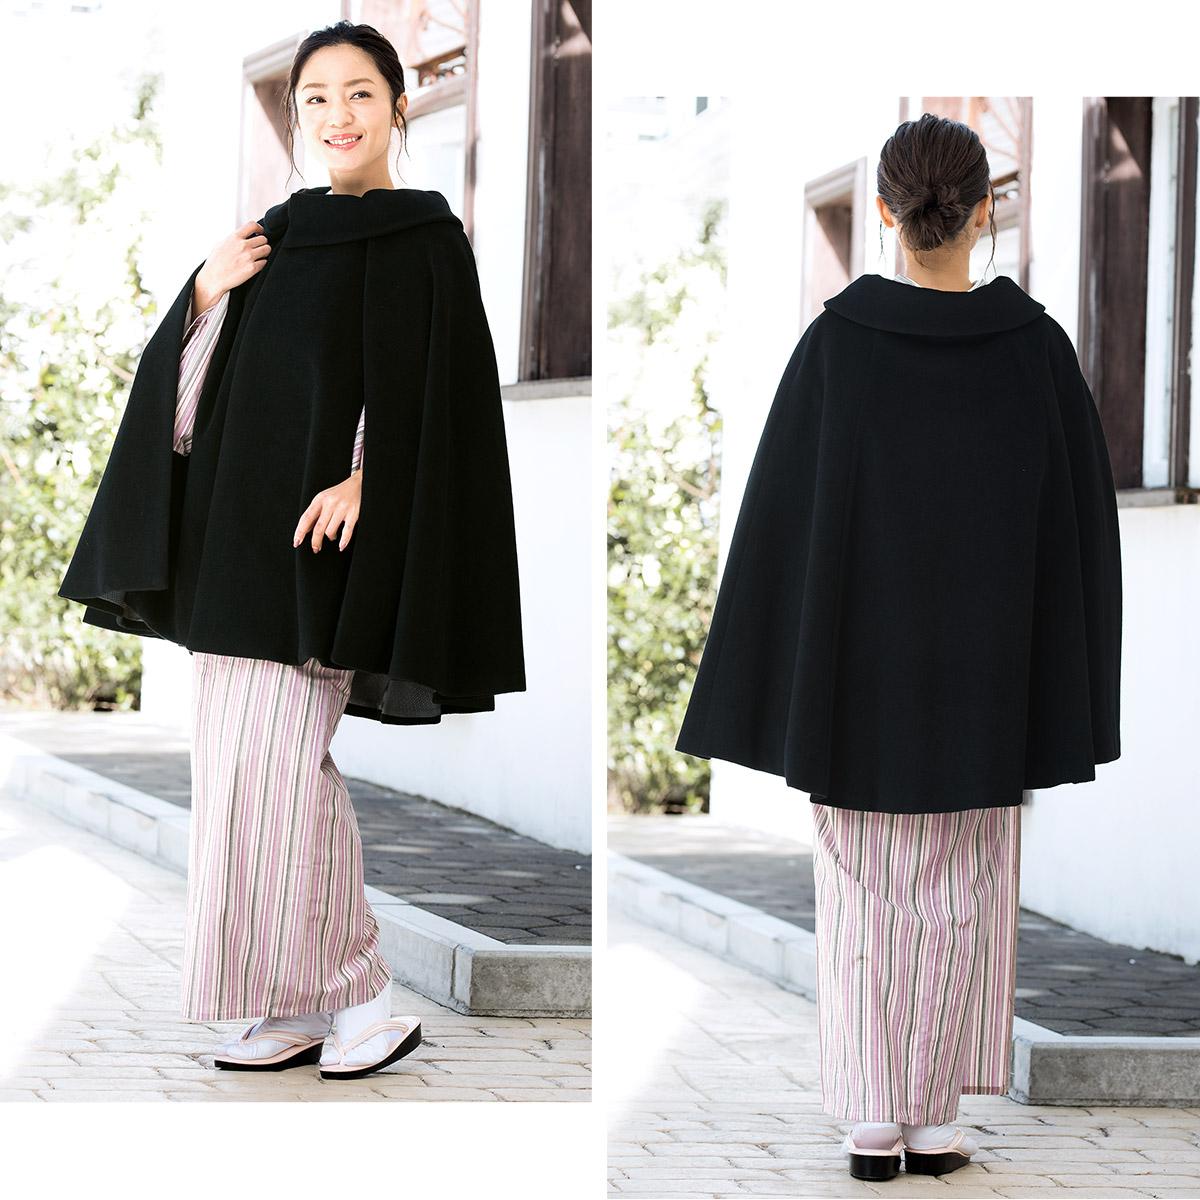 plus près de 100% qualité garantie profitez de la livraison gratuite Product made in fine pattern long-sleeved kimono kimono coat Japanese  binding Japan in cape coat poncho black black roll collar Angola hair wool  ...